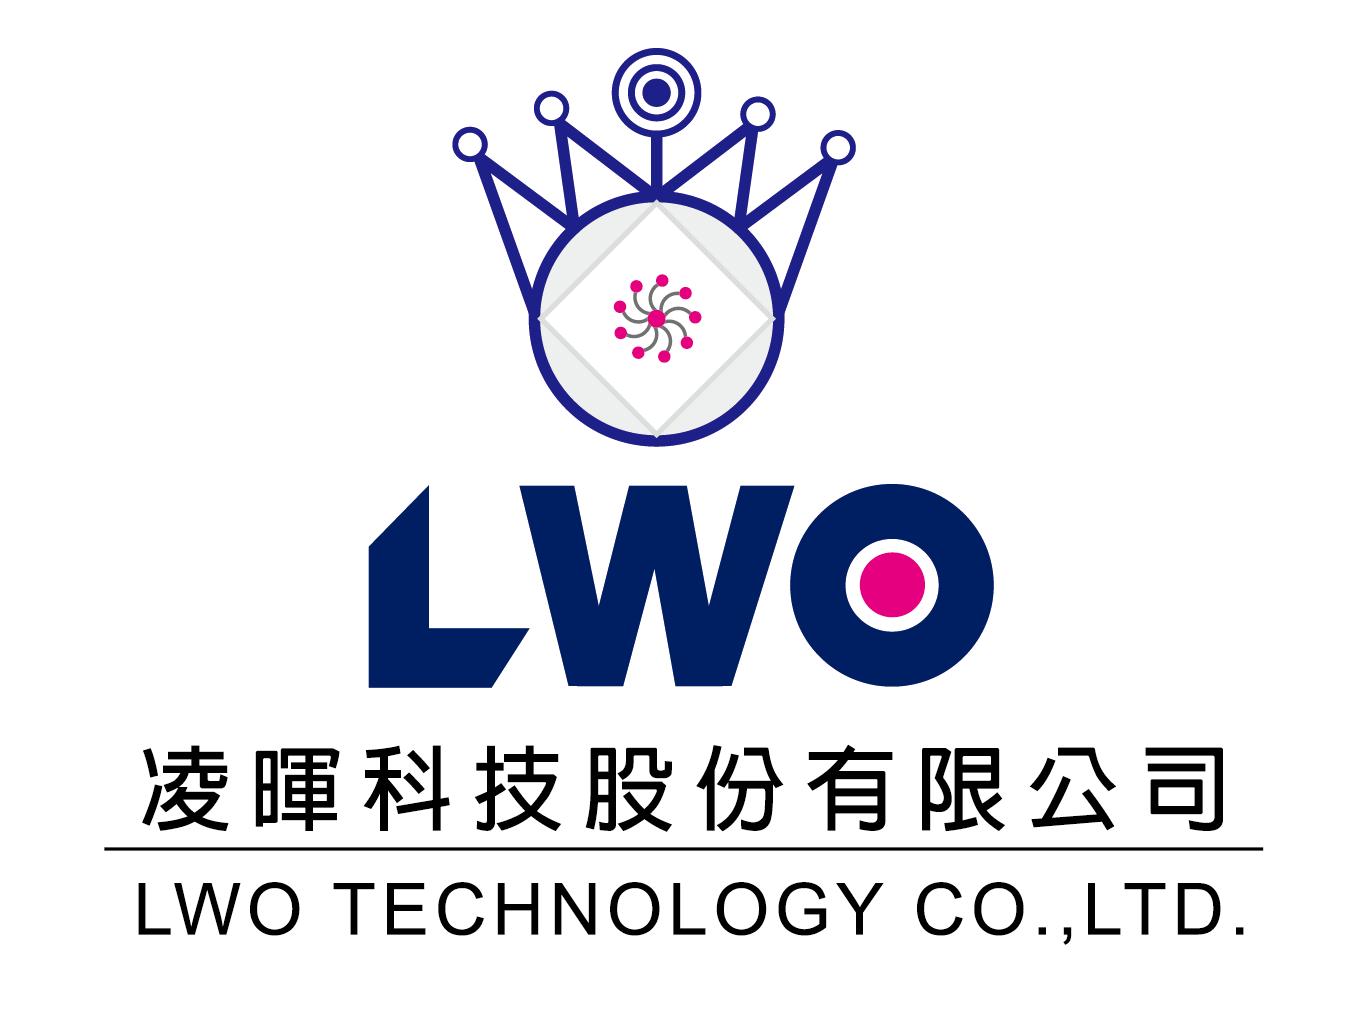 B077_凌暉科技股份有限公司